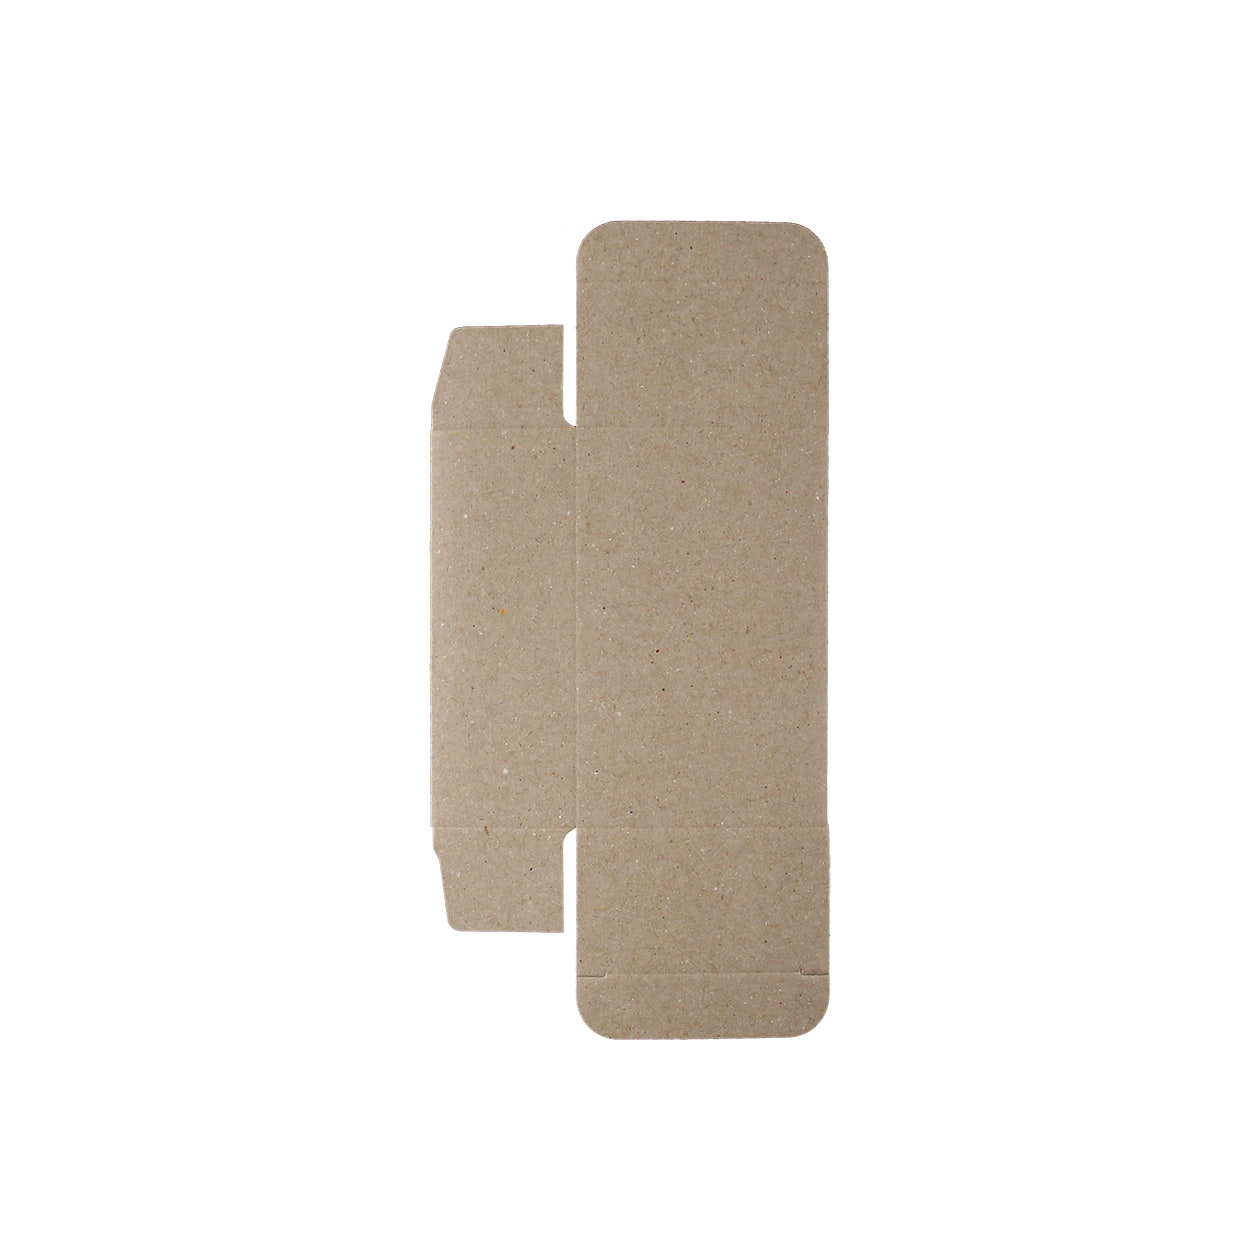 キャラメル箱60×35×95 ボード紙 サンド 270g